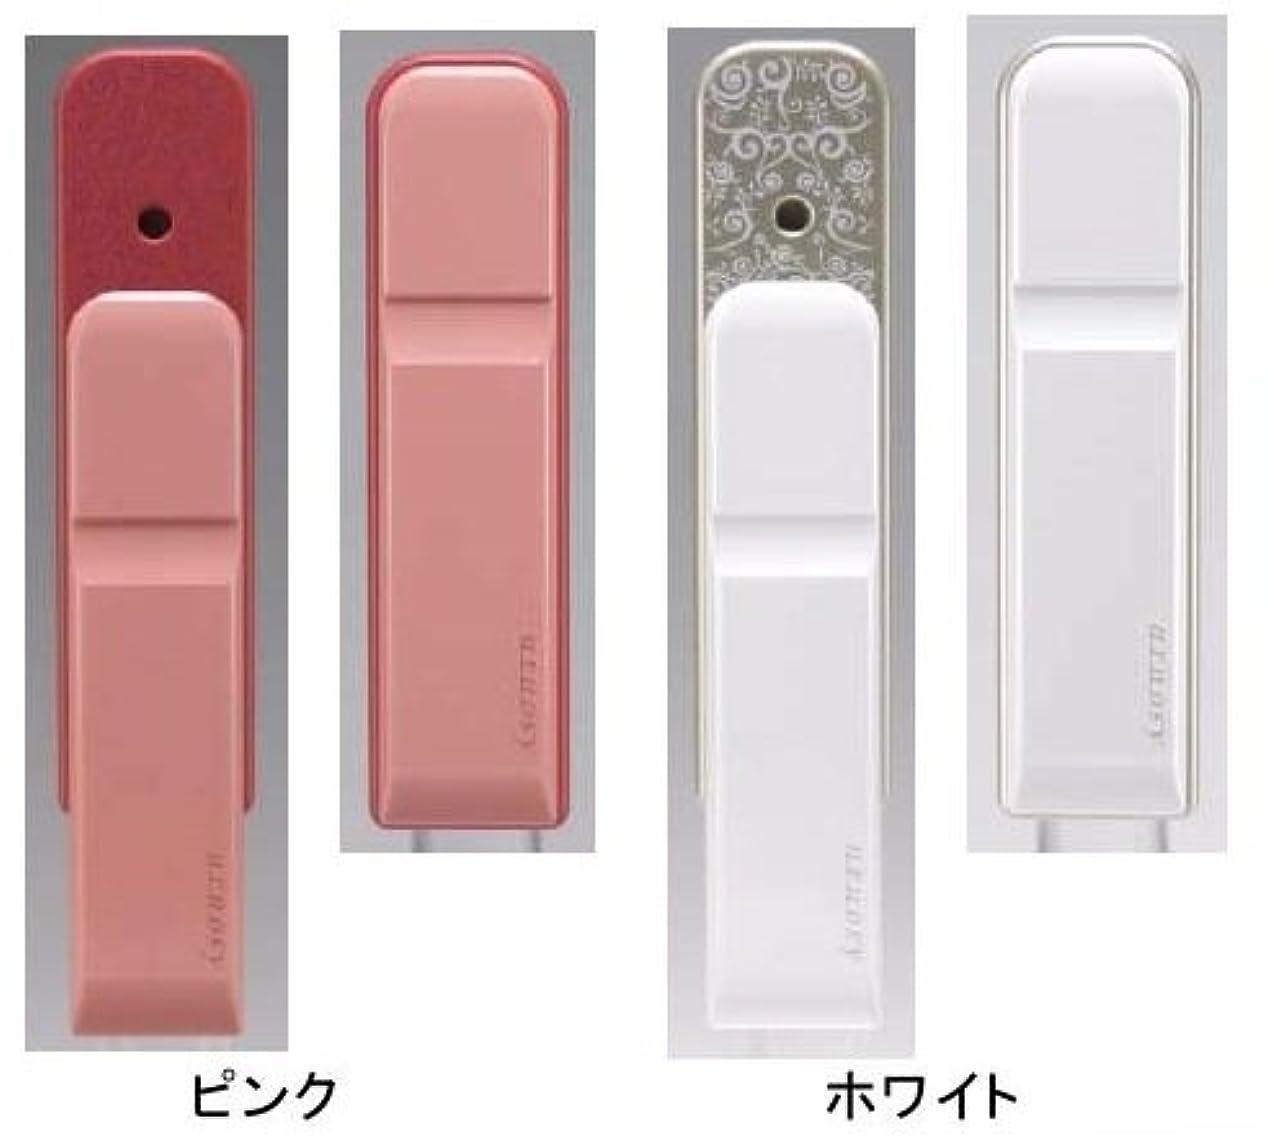 これら盟主言及する携帯用ナノミスト美顔器ハンディミスト uruosyウルオシー(専用化粧水50ml付) ホワイト?MU-U1W